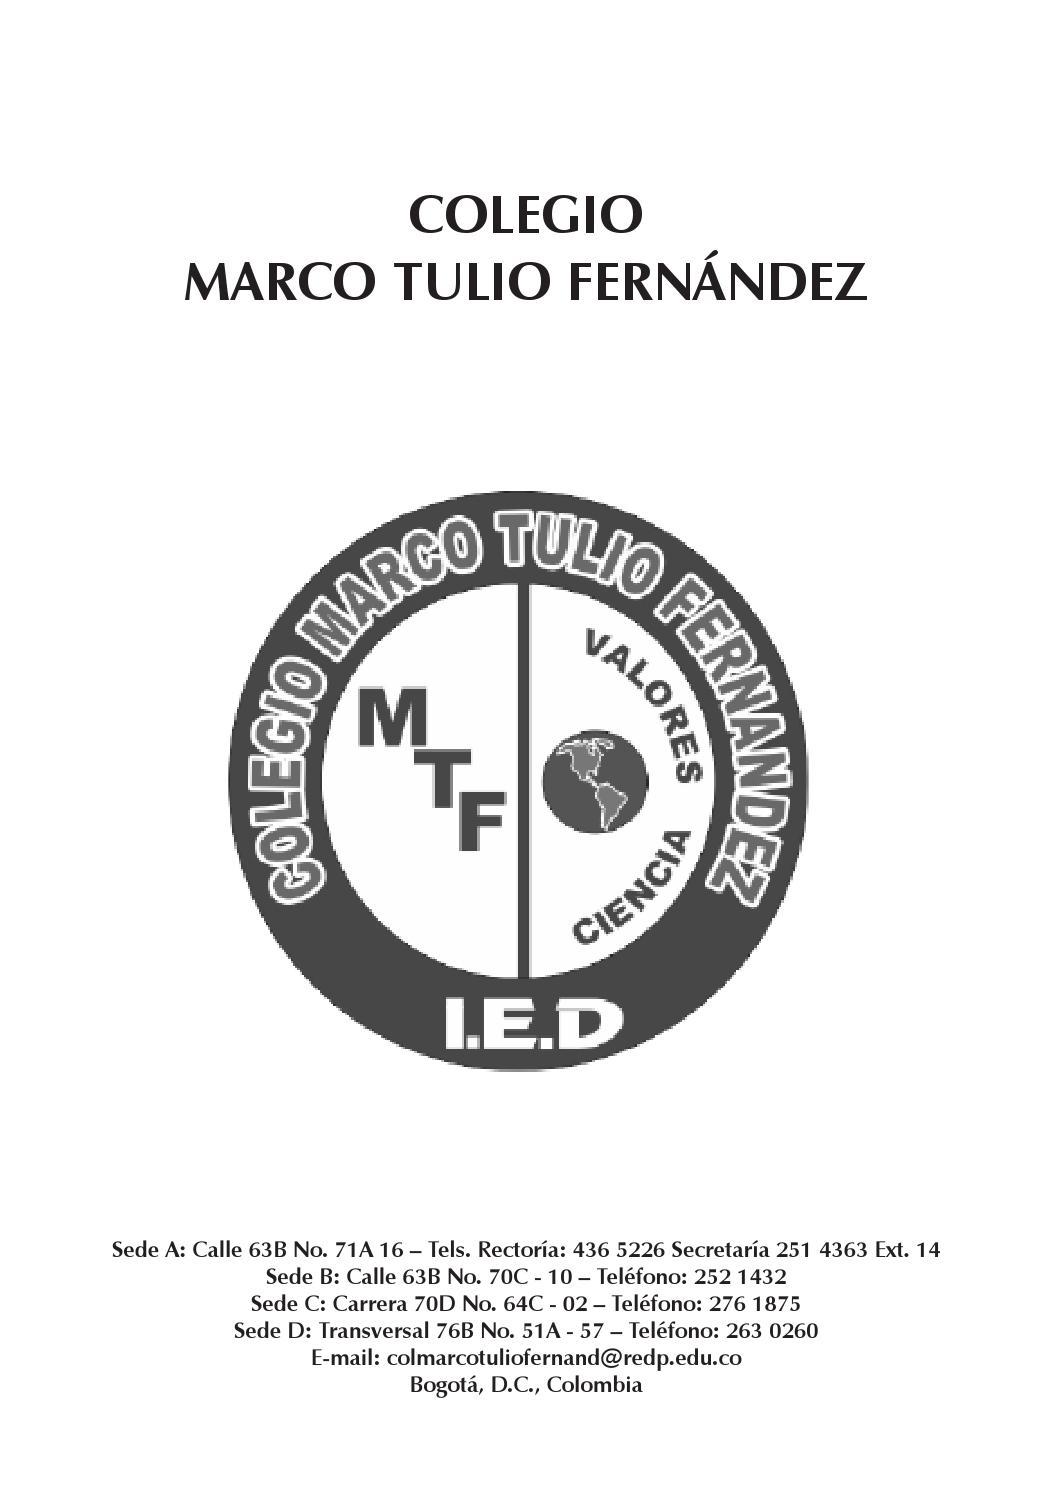 Manual de convivencia colegio Marco Tulio Fernández by Colegio Marco ...